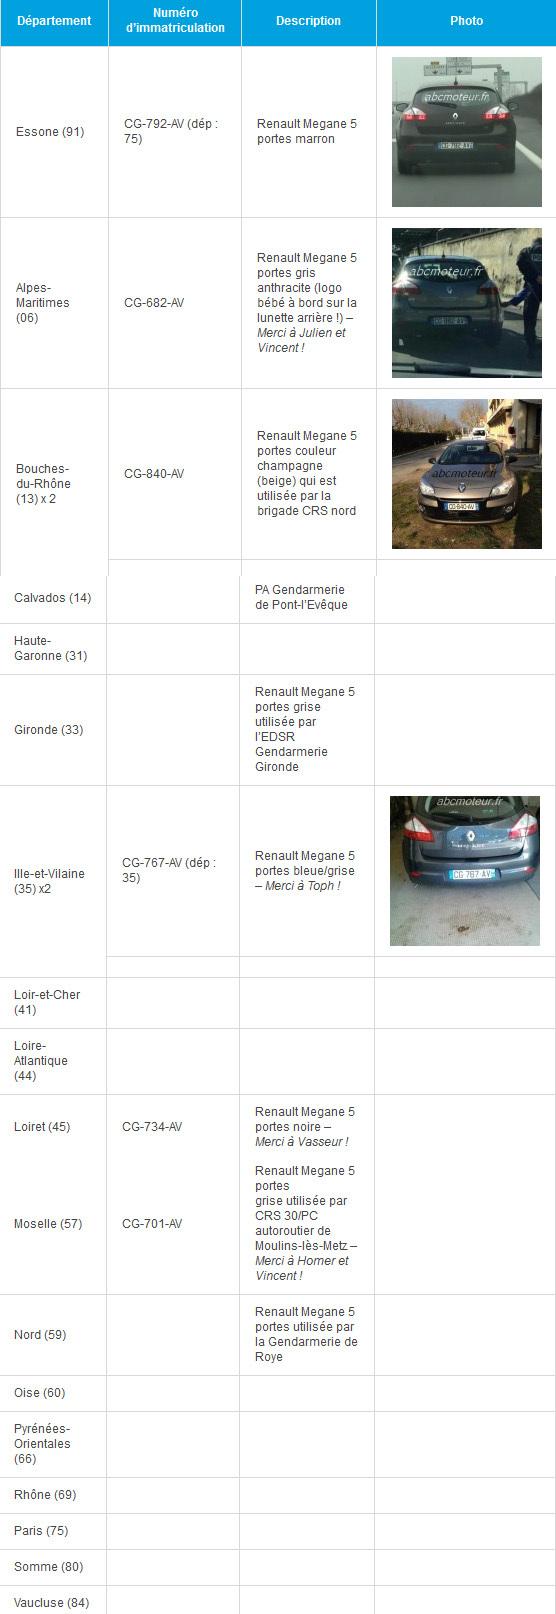 Nouveaux radars mobiles: certaines plaques d'immatriculation connues !!